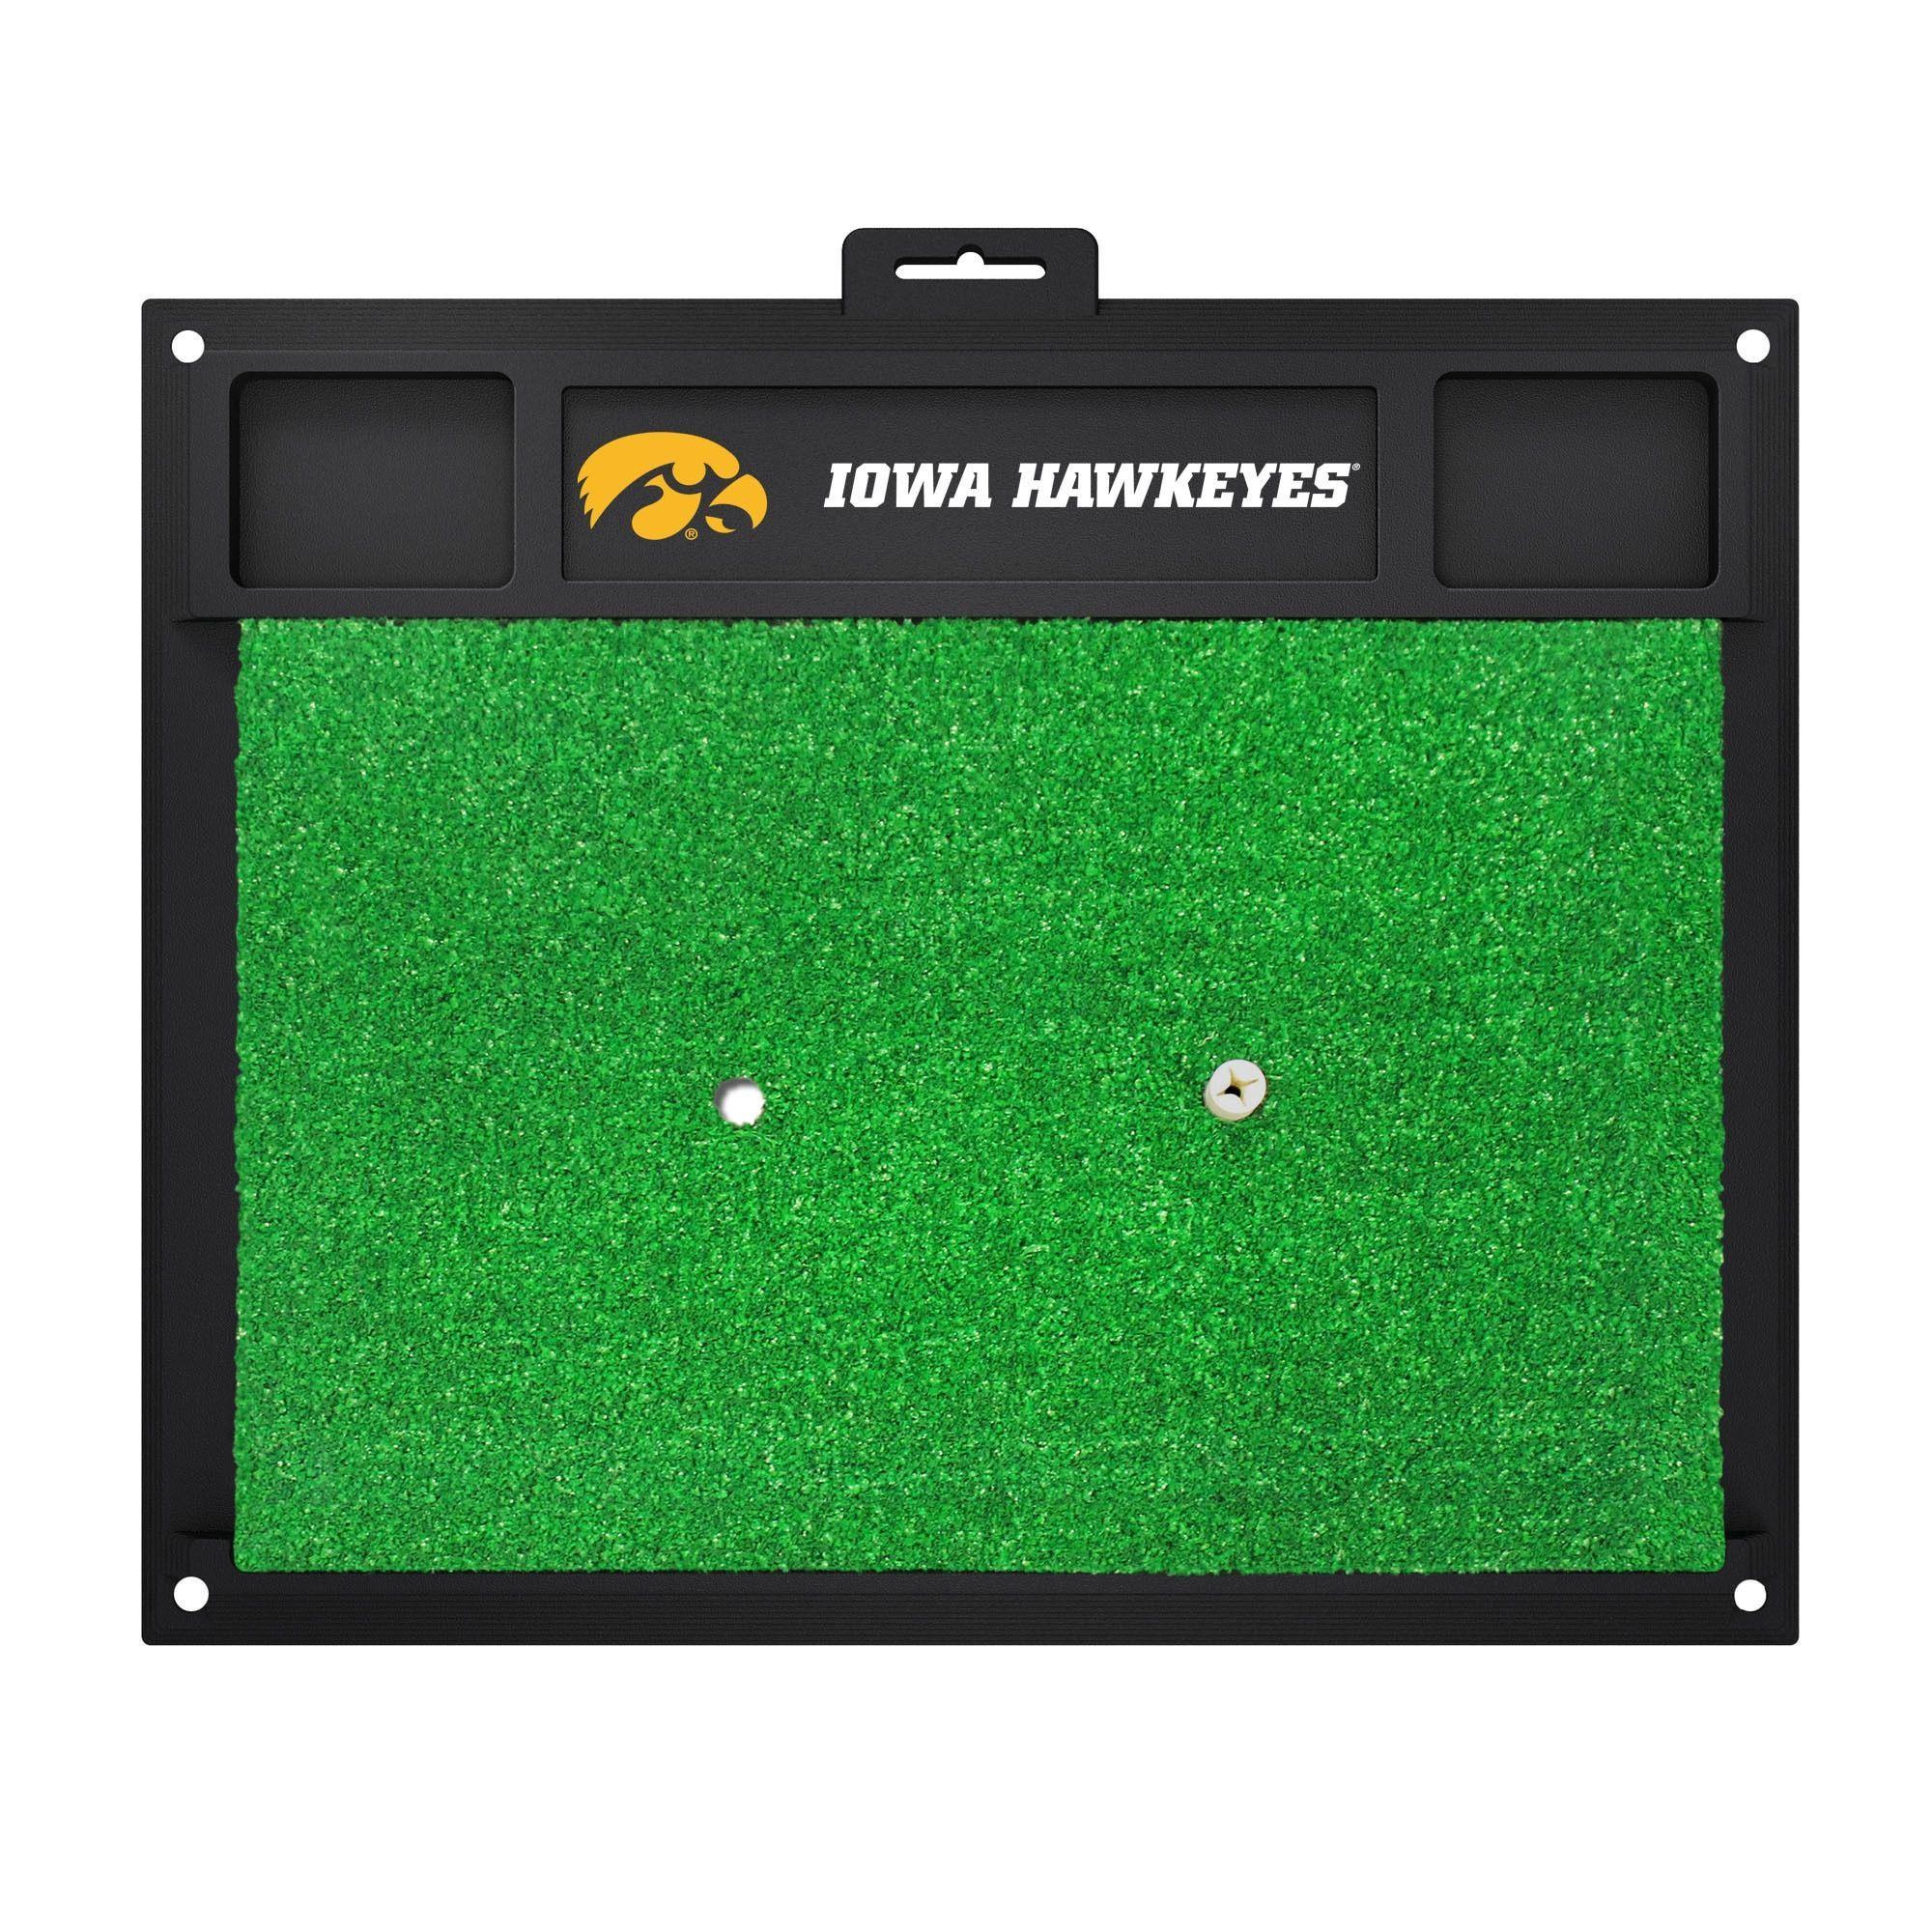 Fanmats Iowa Hawkeyes Rubber Golf Hitting Mat